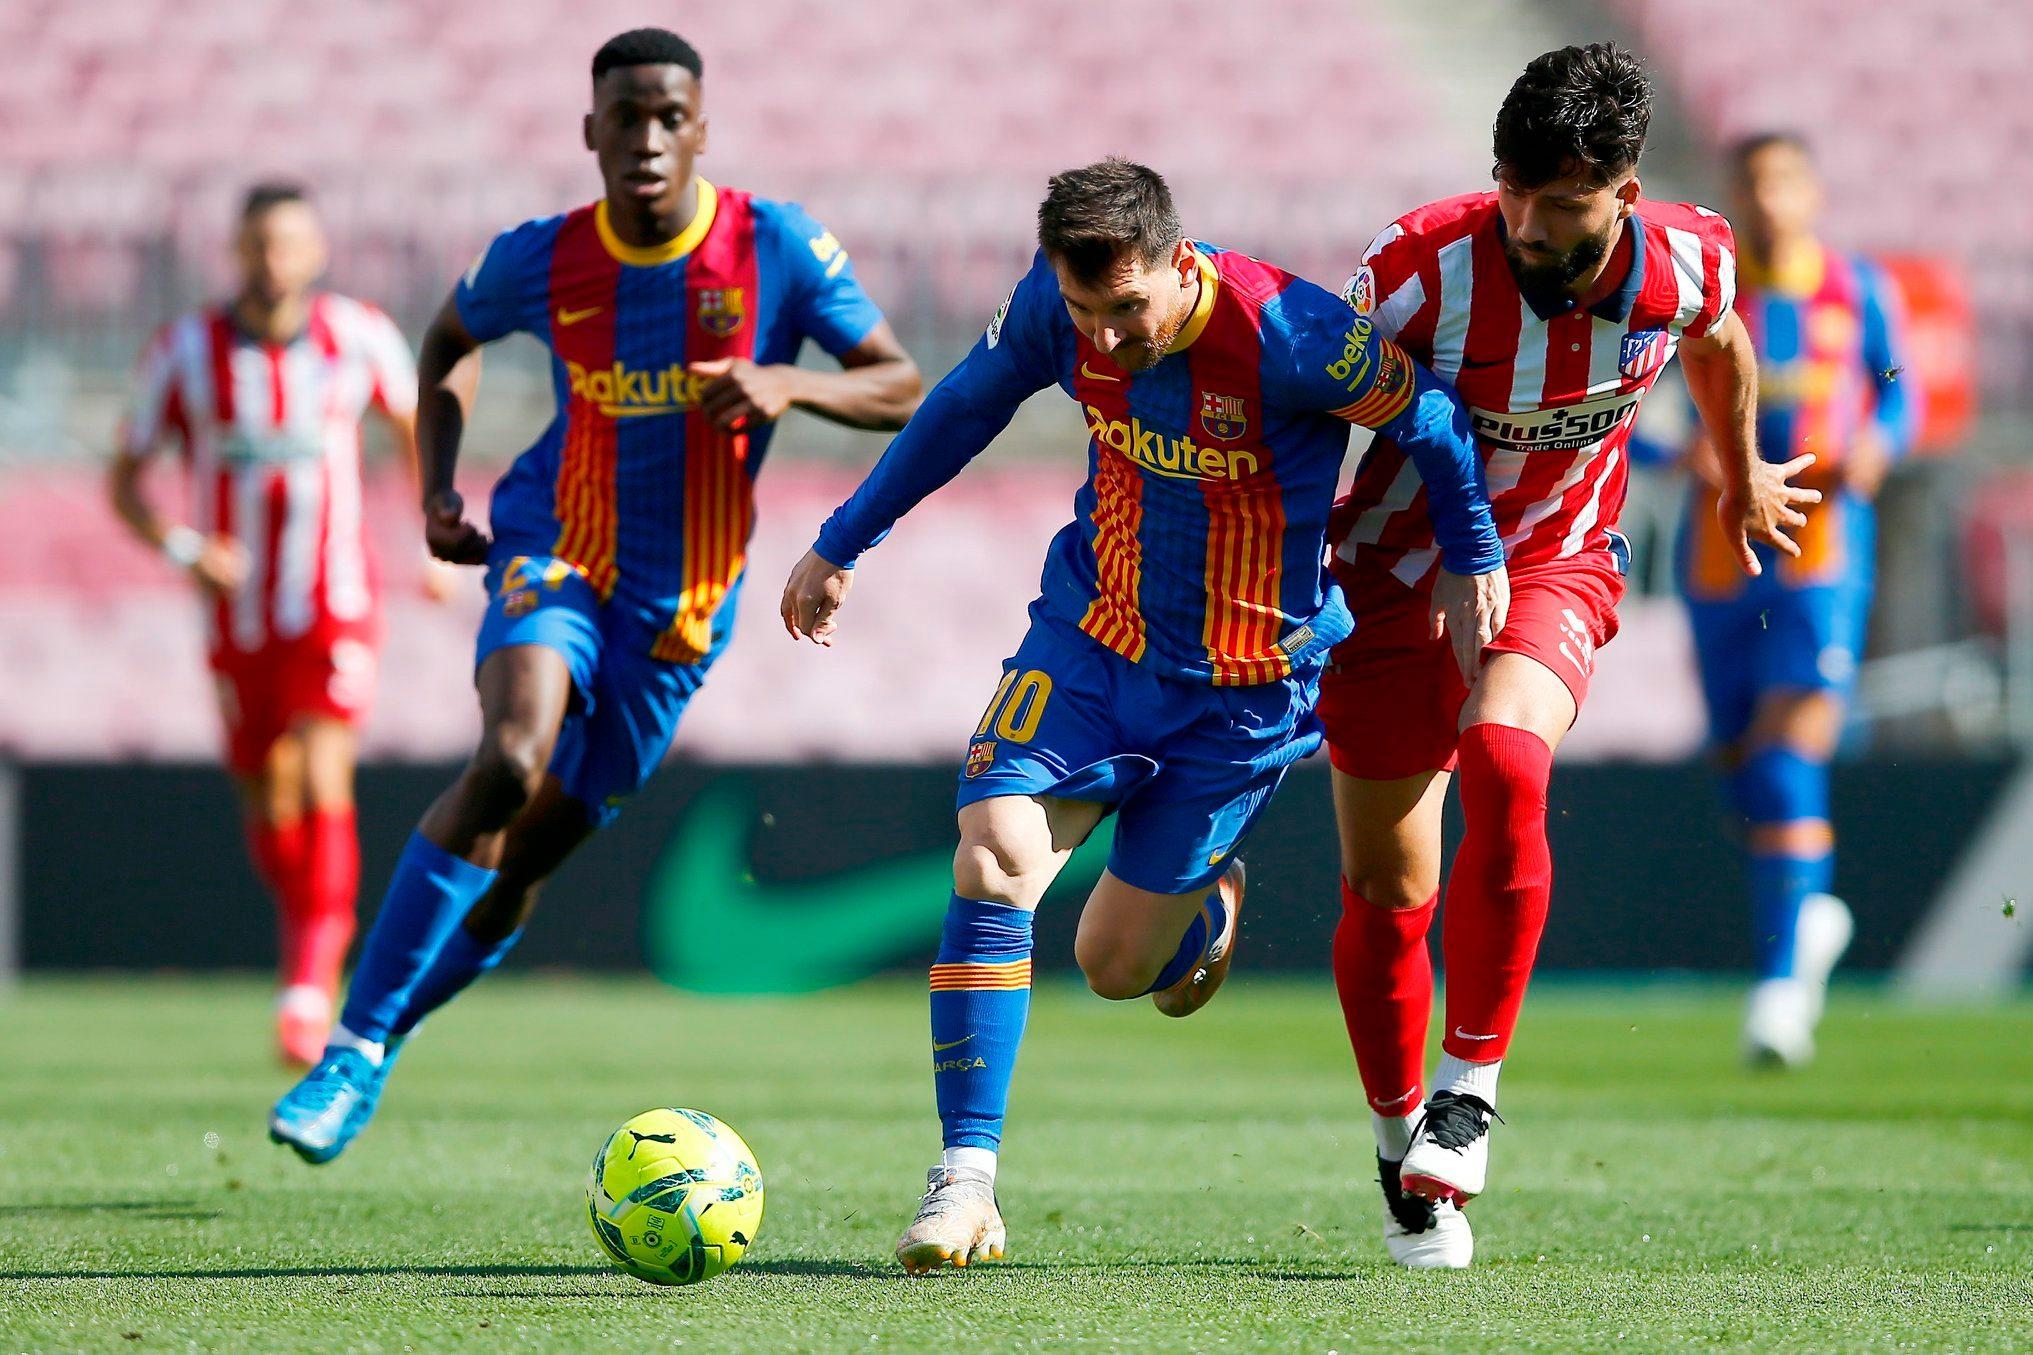 بطولة إسبانيا: برشلونة وأتلتيكو يمنحان ريال فرصة الصدارة بتعادلهما